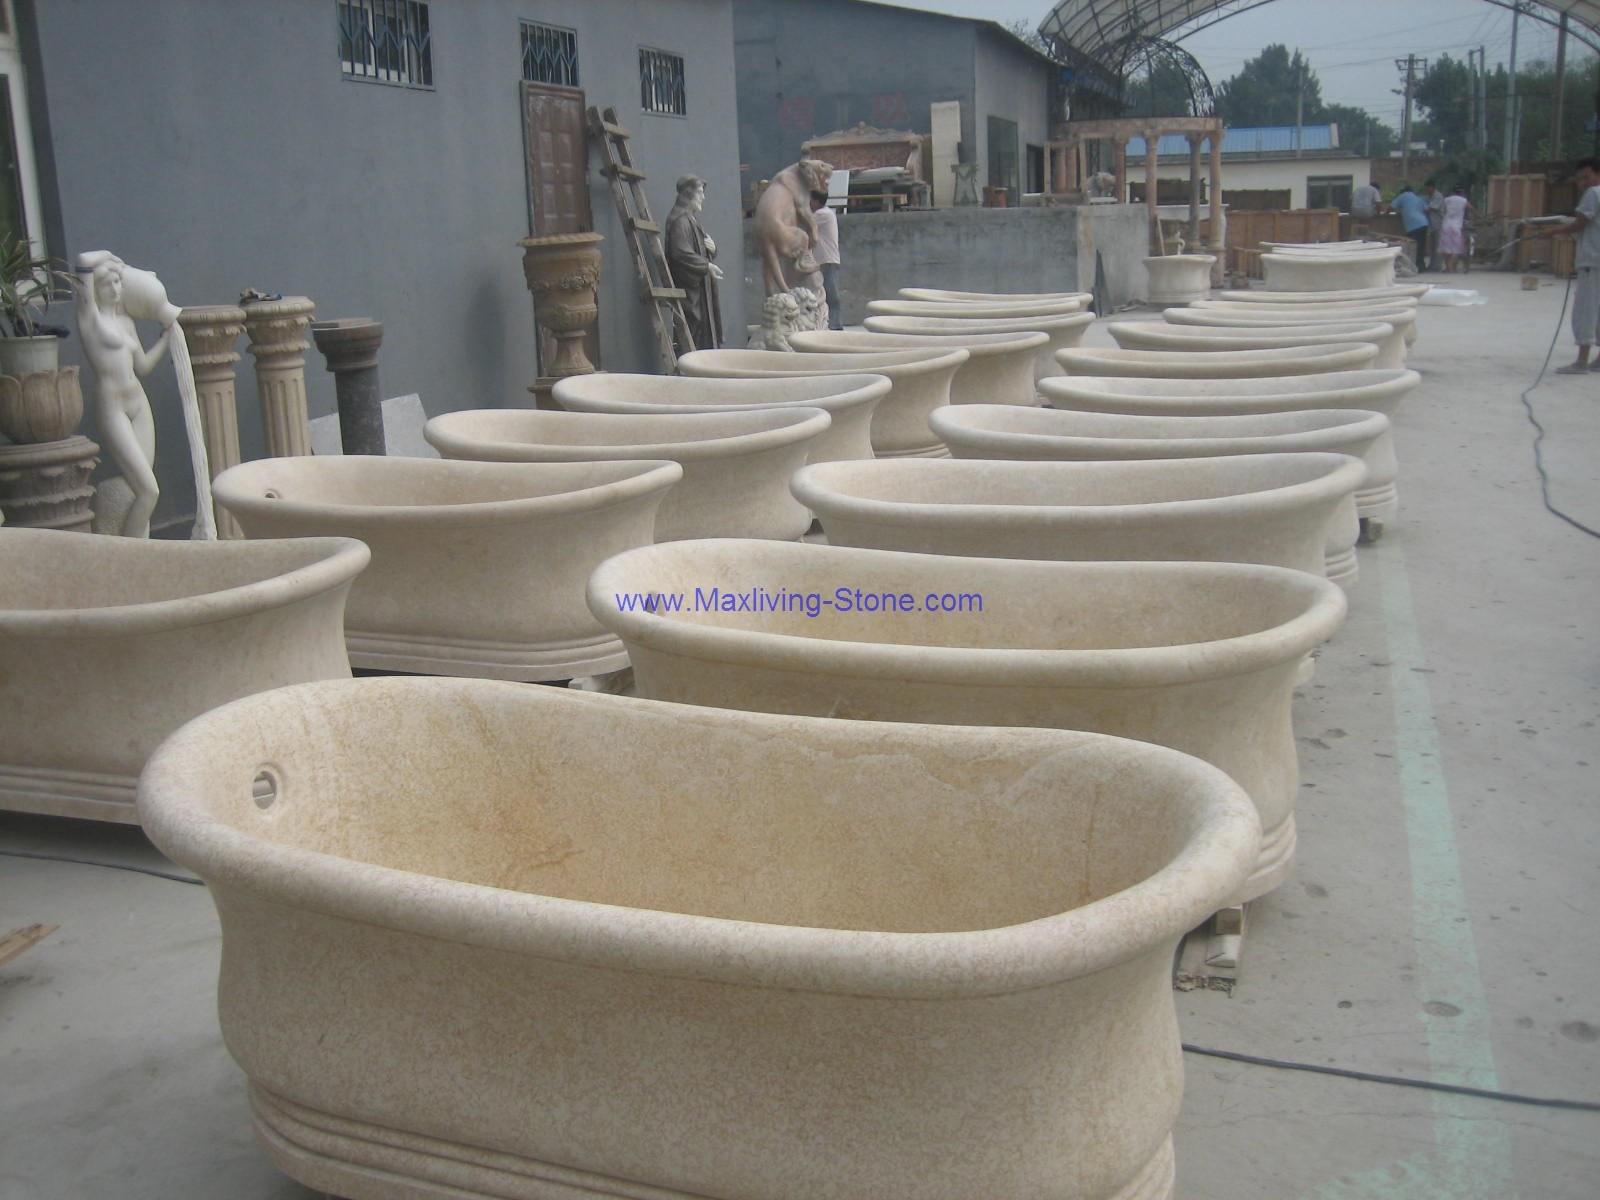 Marmo crema vasca di bagno marmo crema vasca di - Bagno di marmo ...